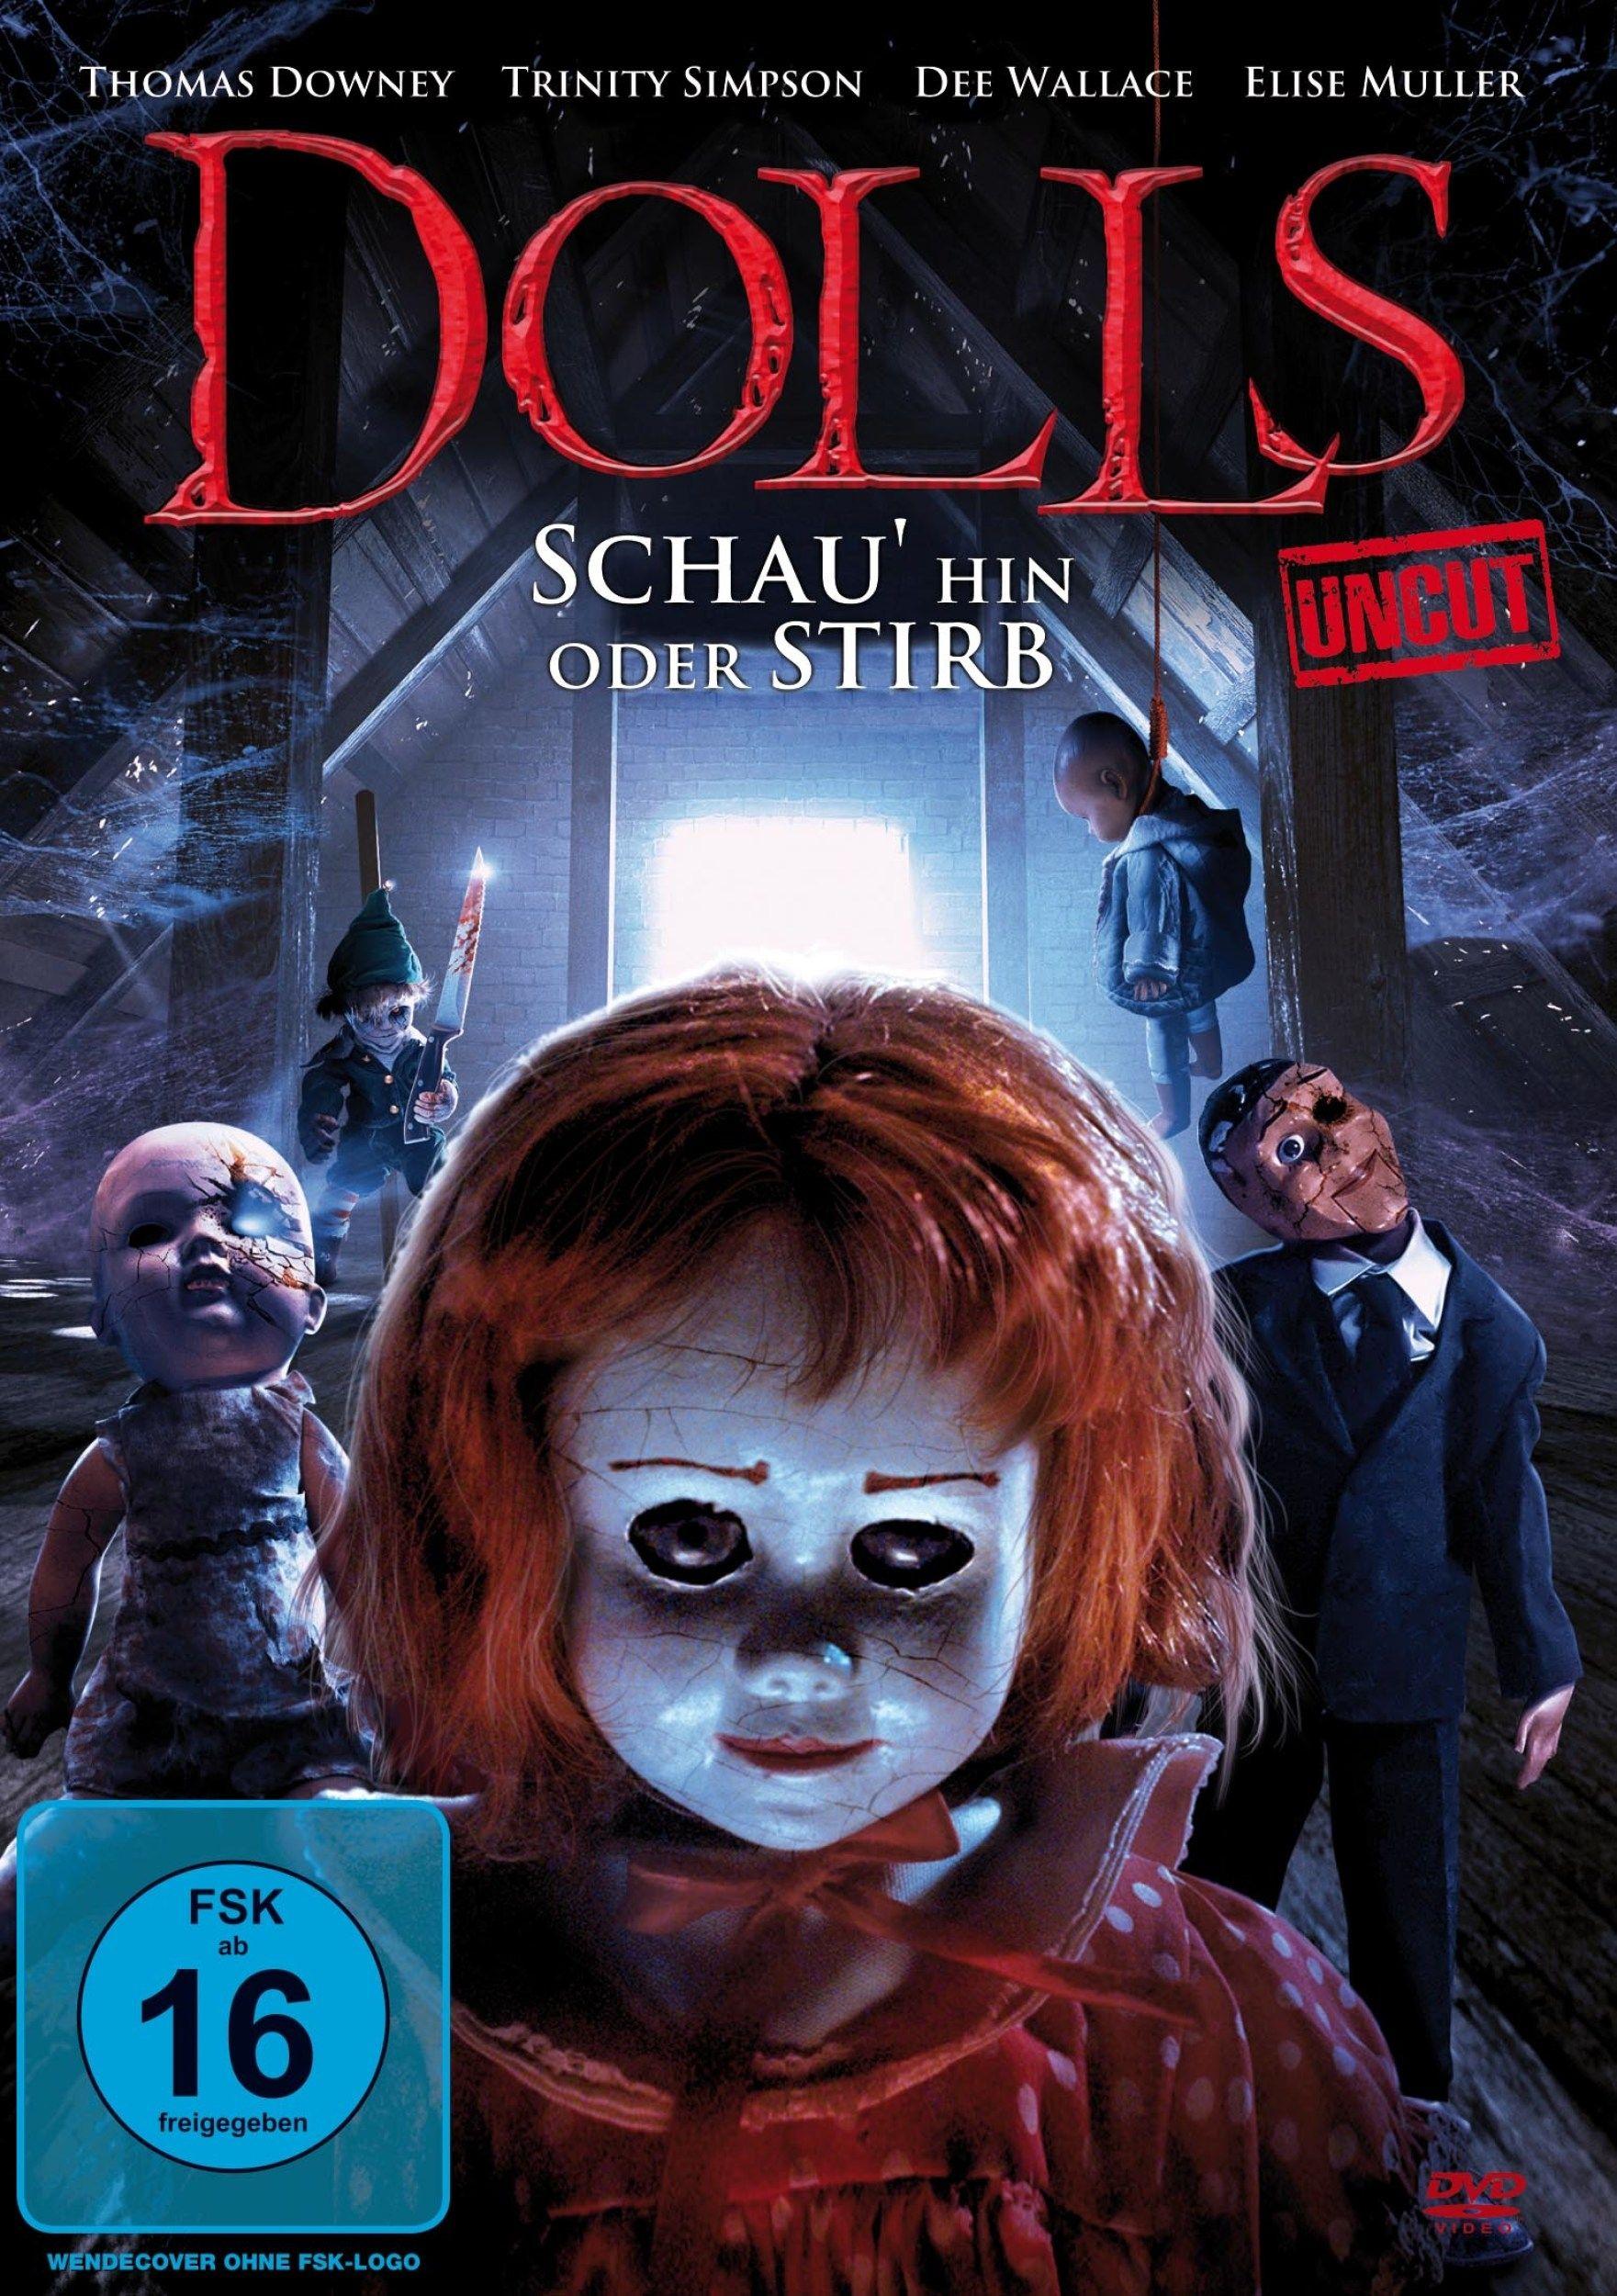 Dolls - Schau hin' oder stirb